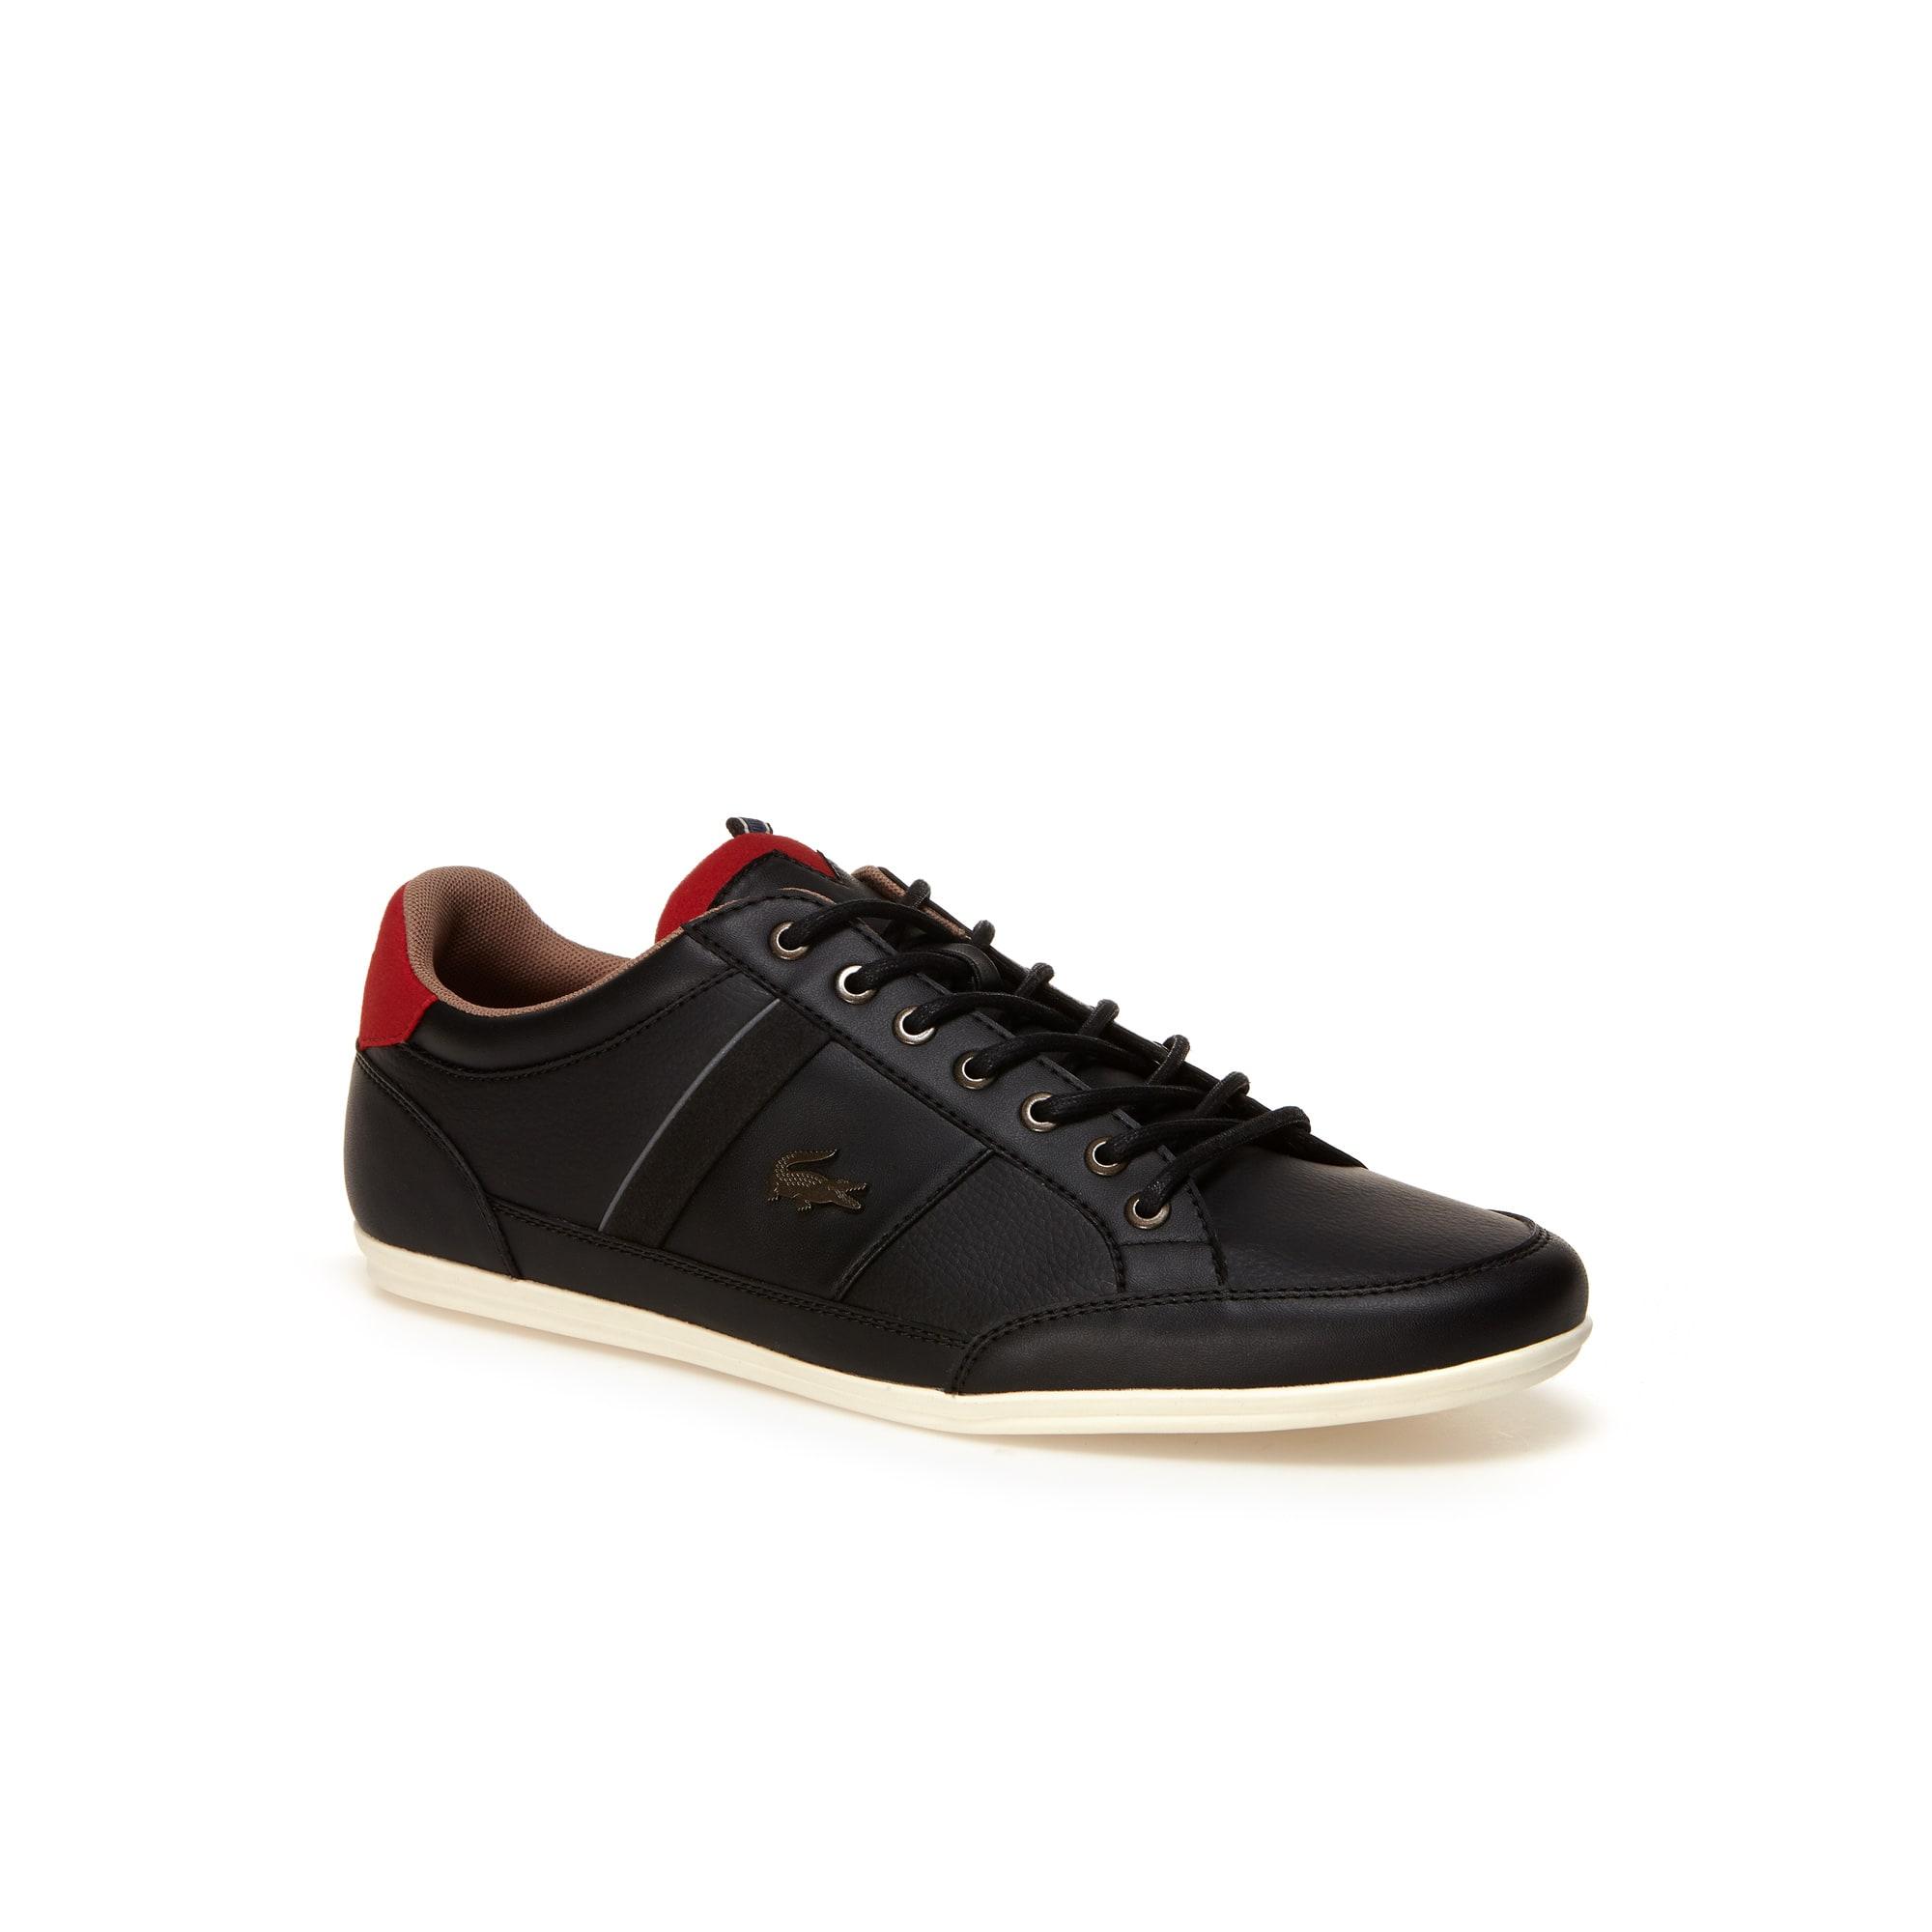 Sneakers Chaymon in pelle nappa